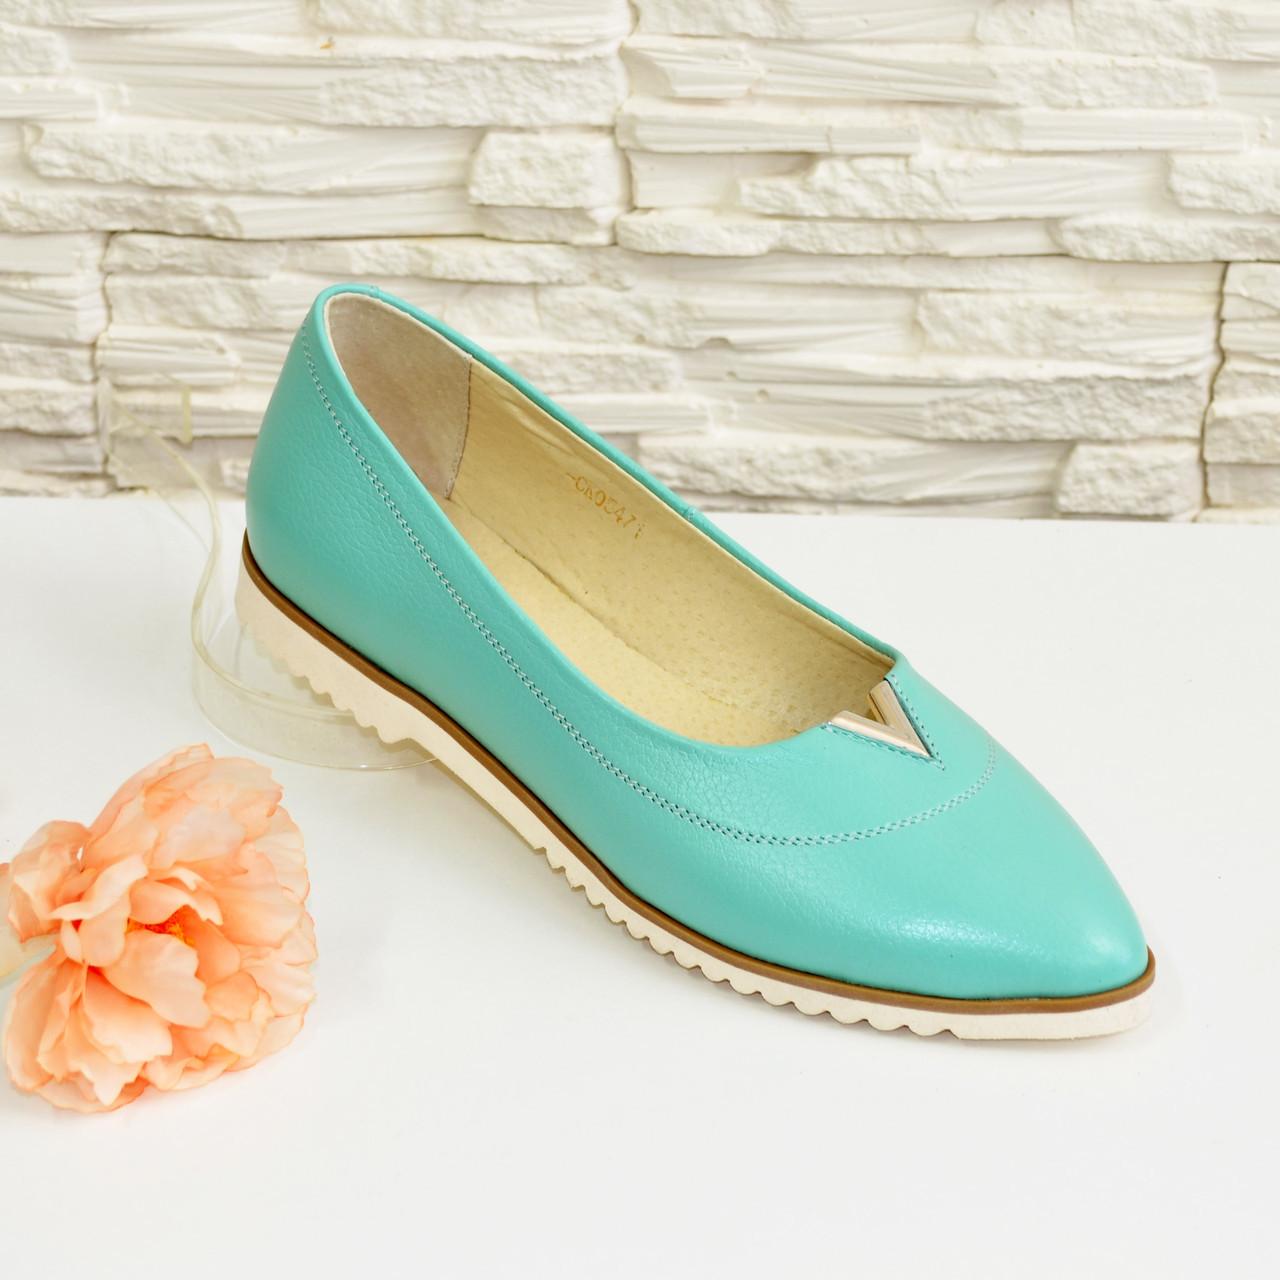 Женские кожаные туфли с заостренным носком, декорированы фурнитурой. Цвет мята.